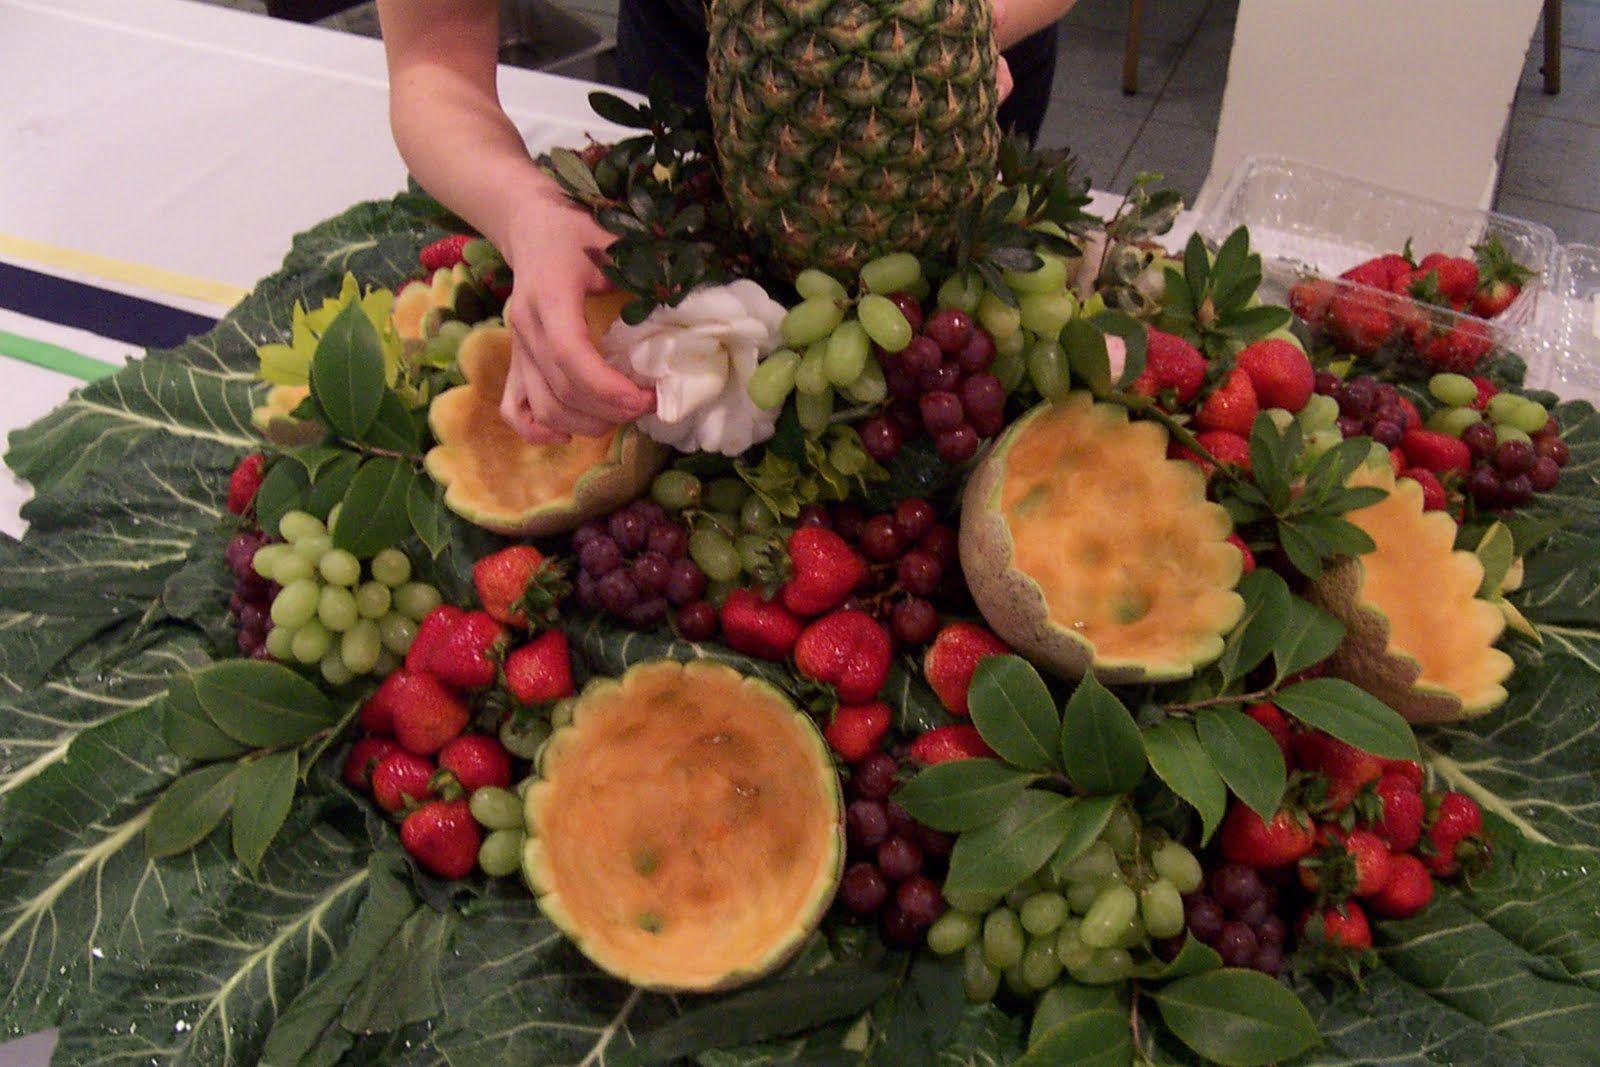 The Church Cook: Fruit Centerpiece | Entertaining | Pinterest ...